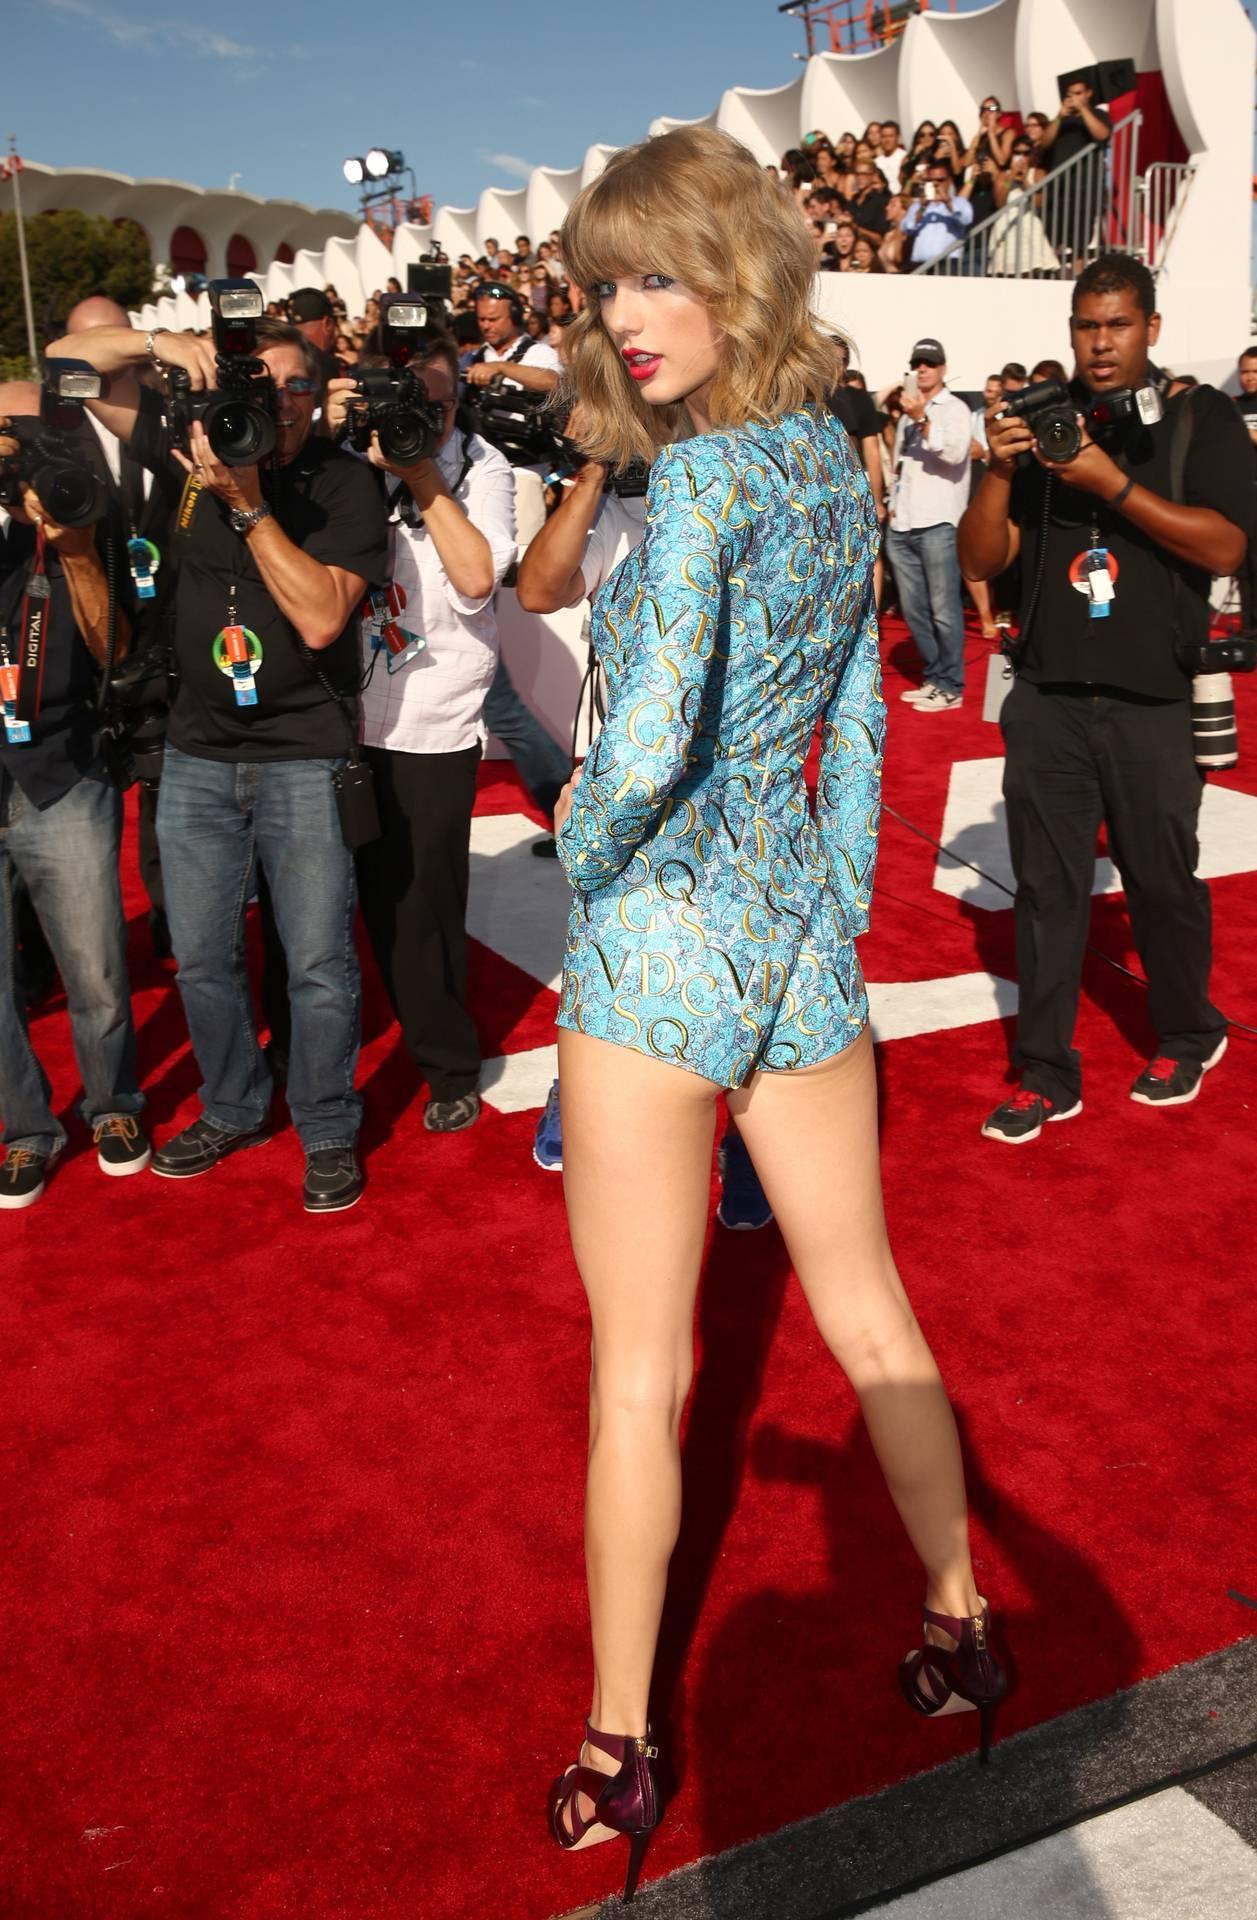 Güzel şarkıcı Taylor Swift sexy kıyafeti ile kalçasını ön plana çıkaran çok cesur pozlar verdi. En seksi yabancı ünlü kadınların HD fotoları bu sitede tıklayın.